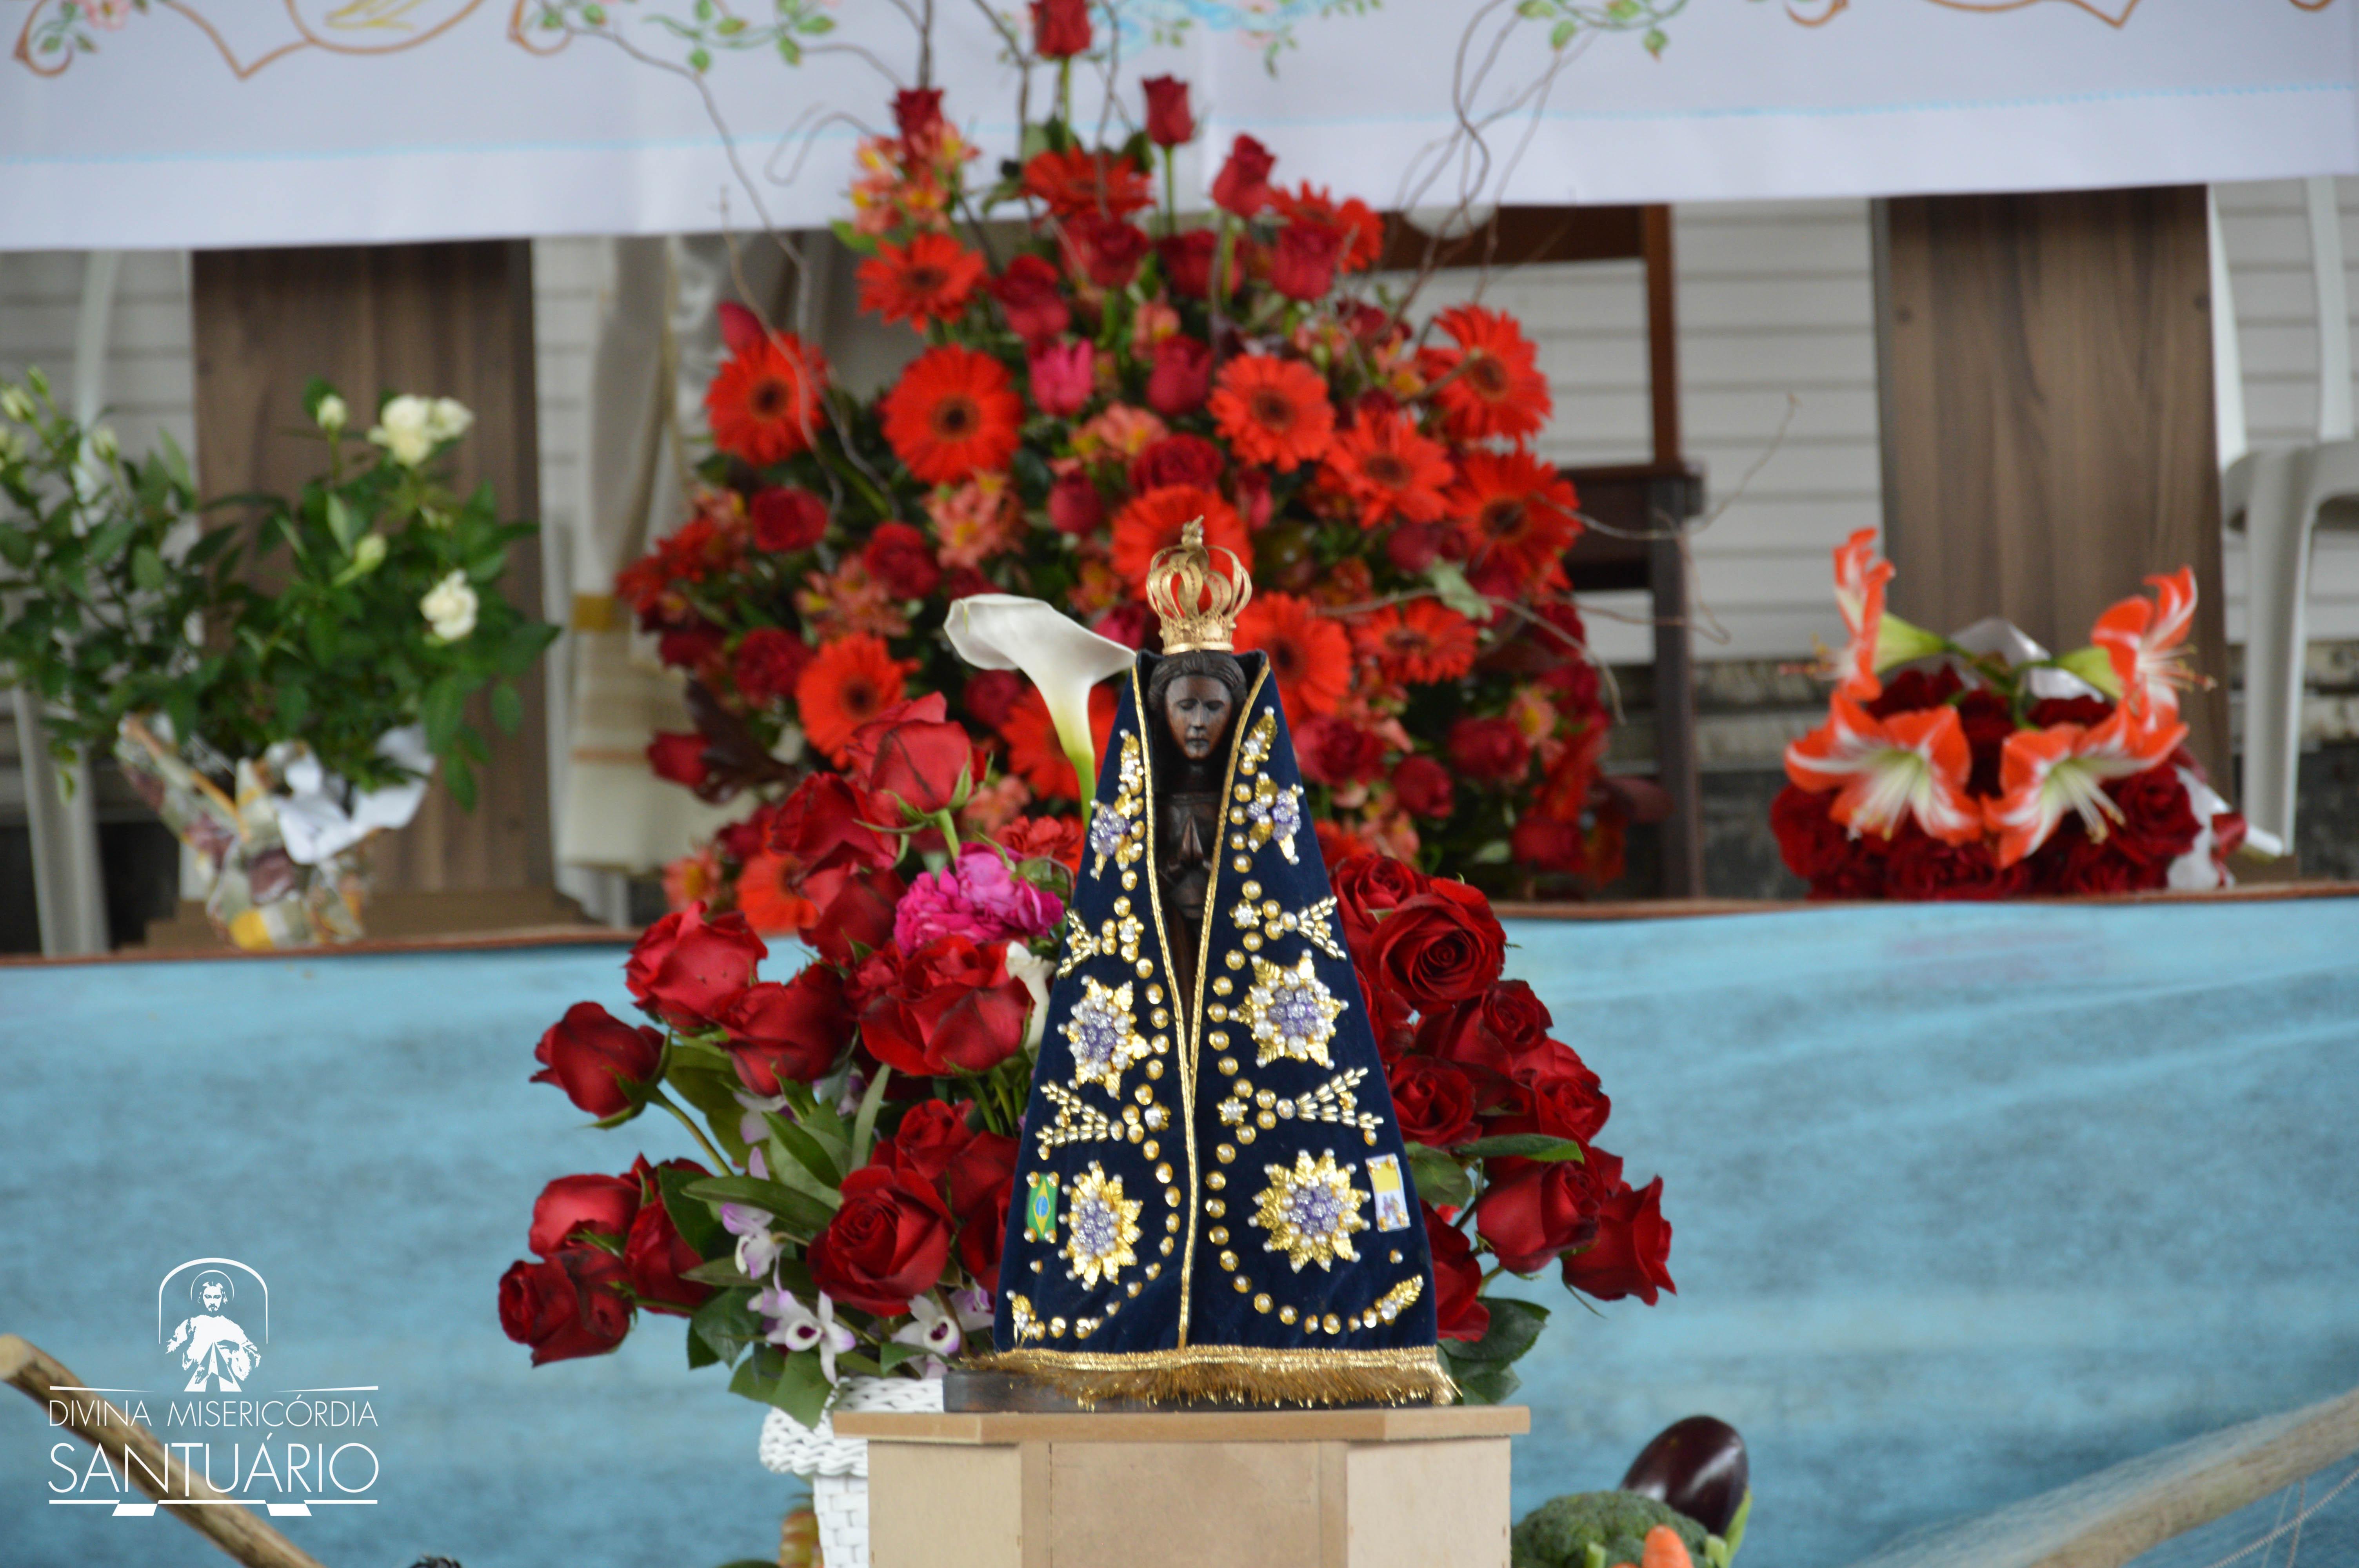 Mensagem De Nossa Senhora Aparecida Que Ela Cuide De: Fé E Devoção Marcam O Dia De Nossa Senhora Aparecida